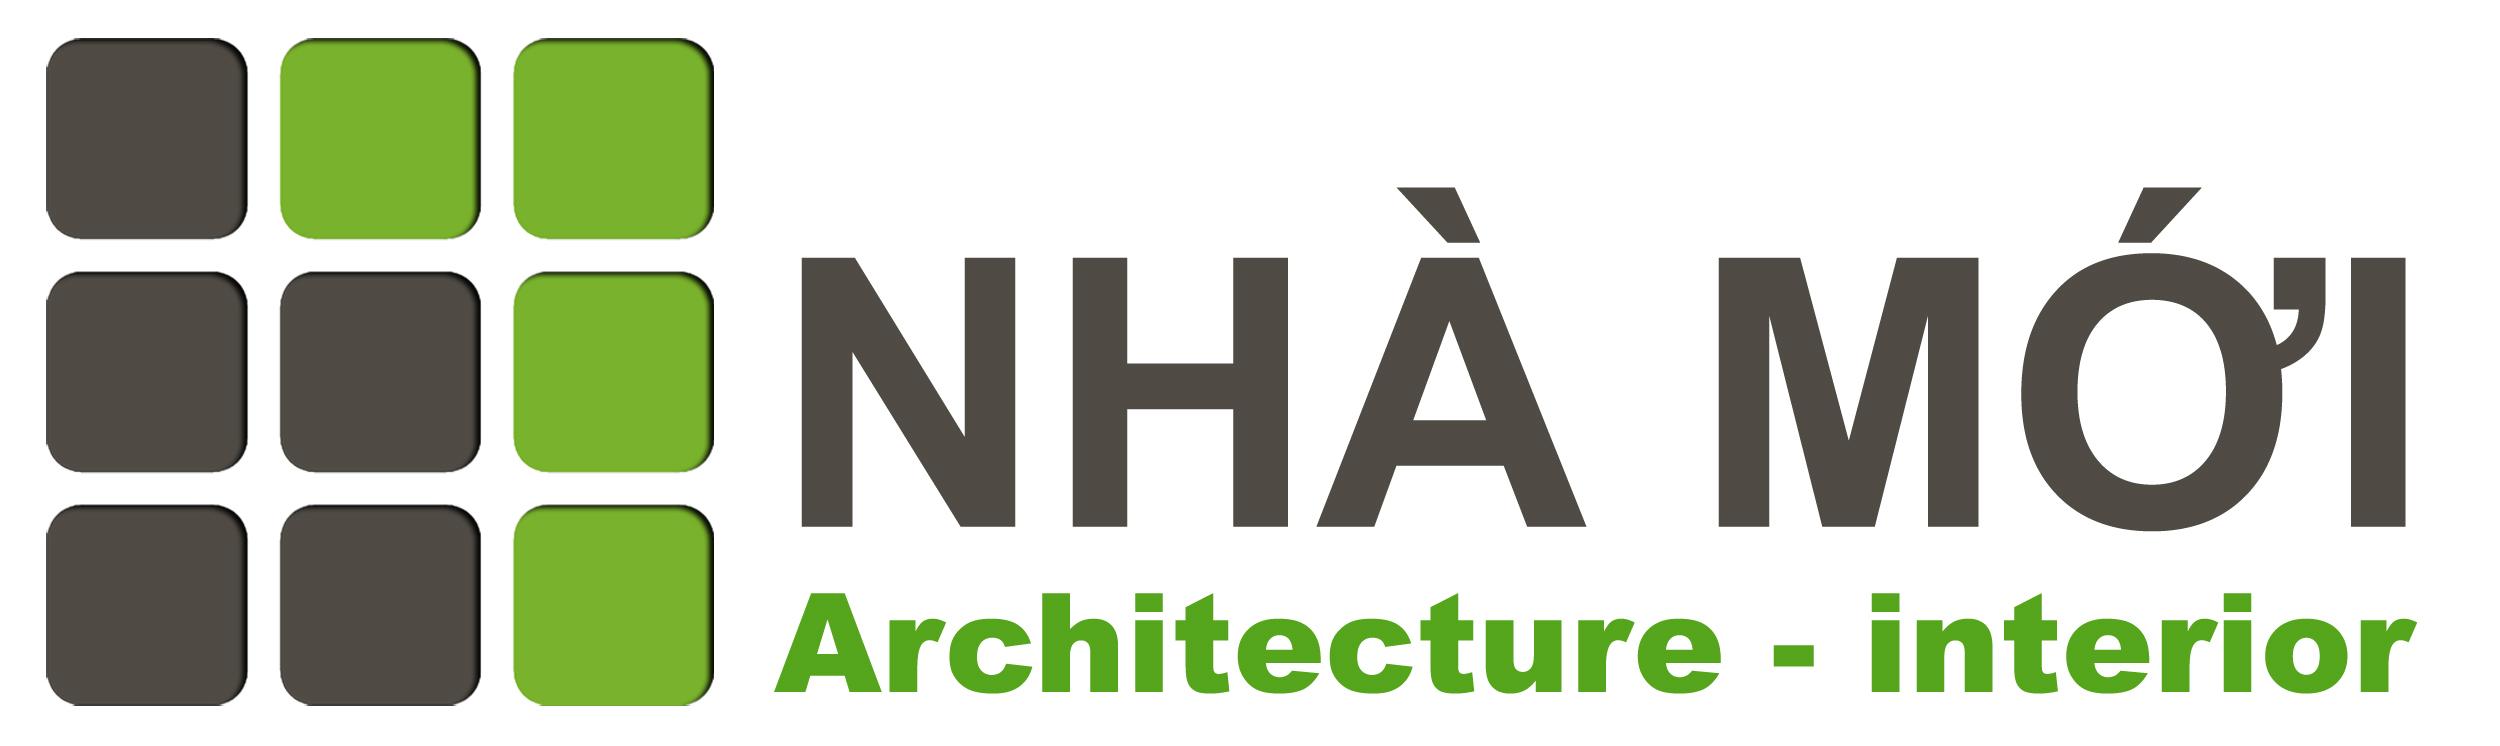 nhamoi.net